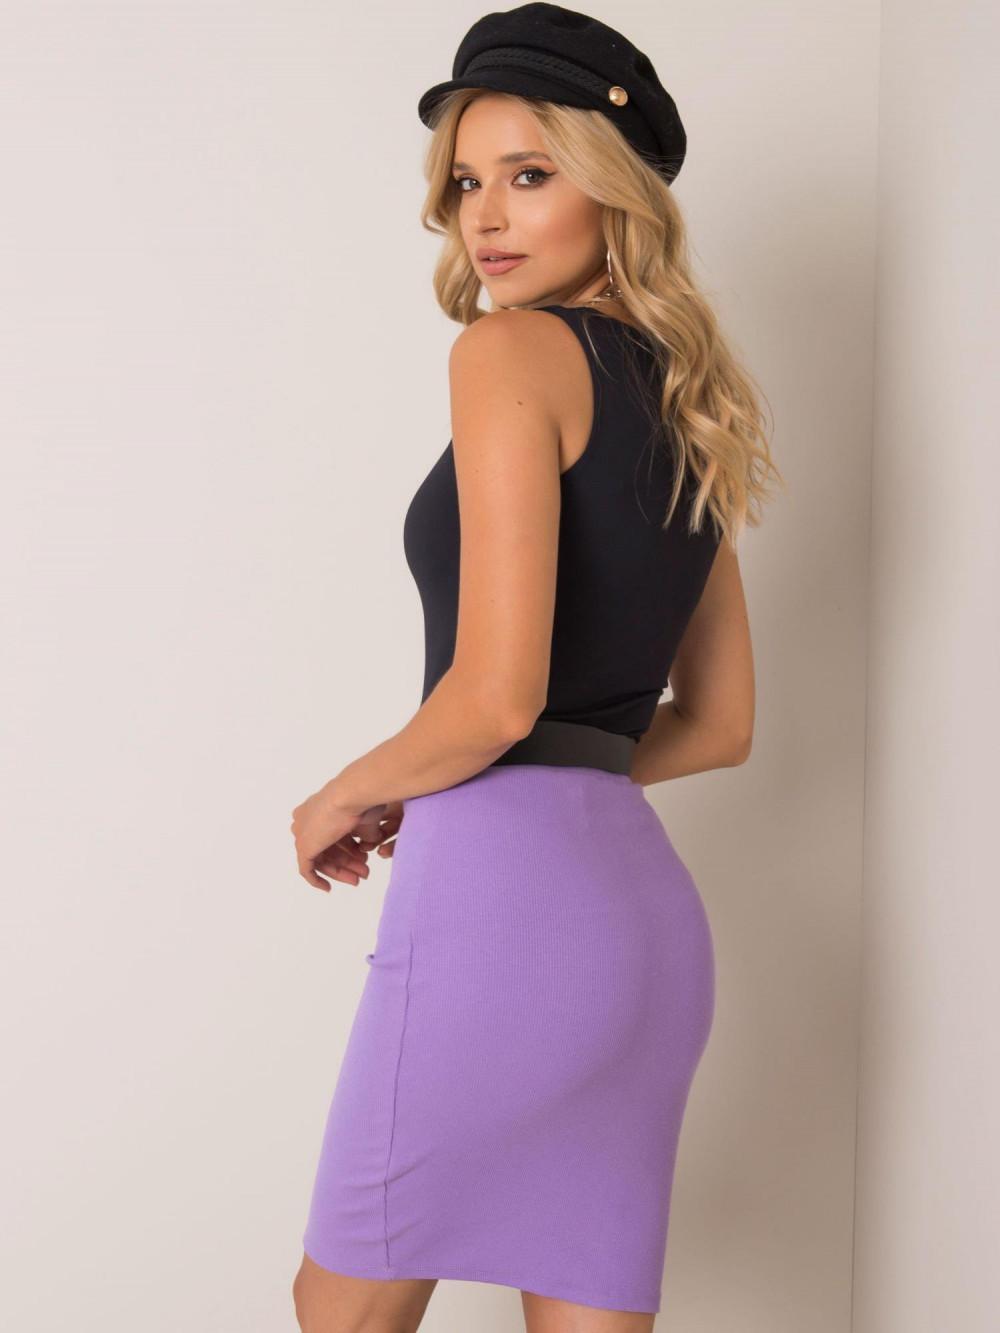 Fioletowa ołówkowa spódnica damska Bonnie 3